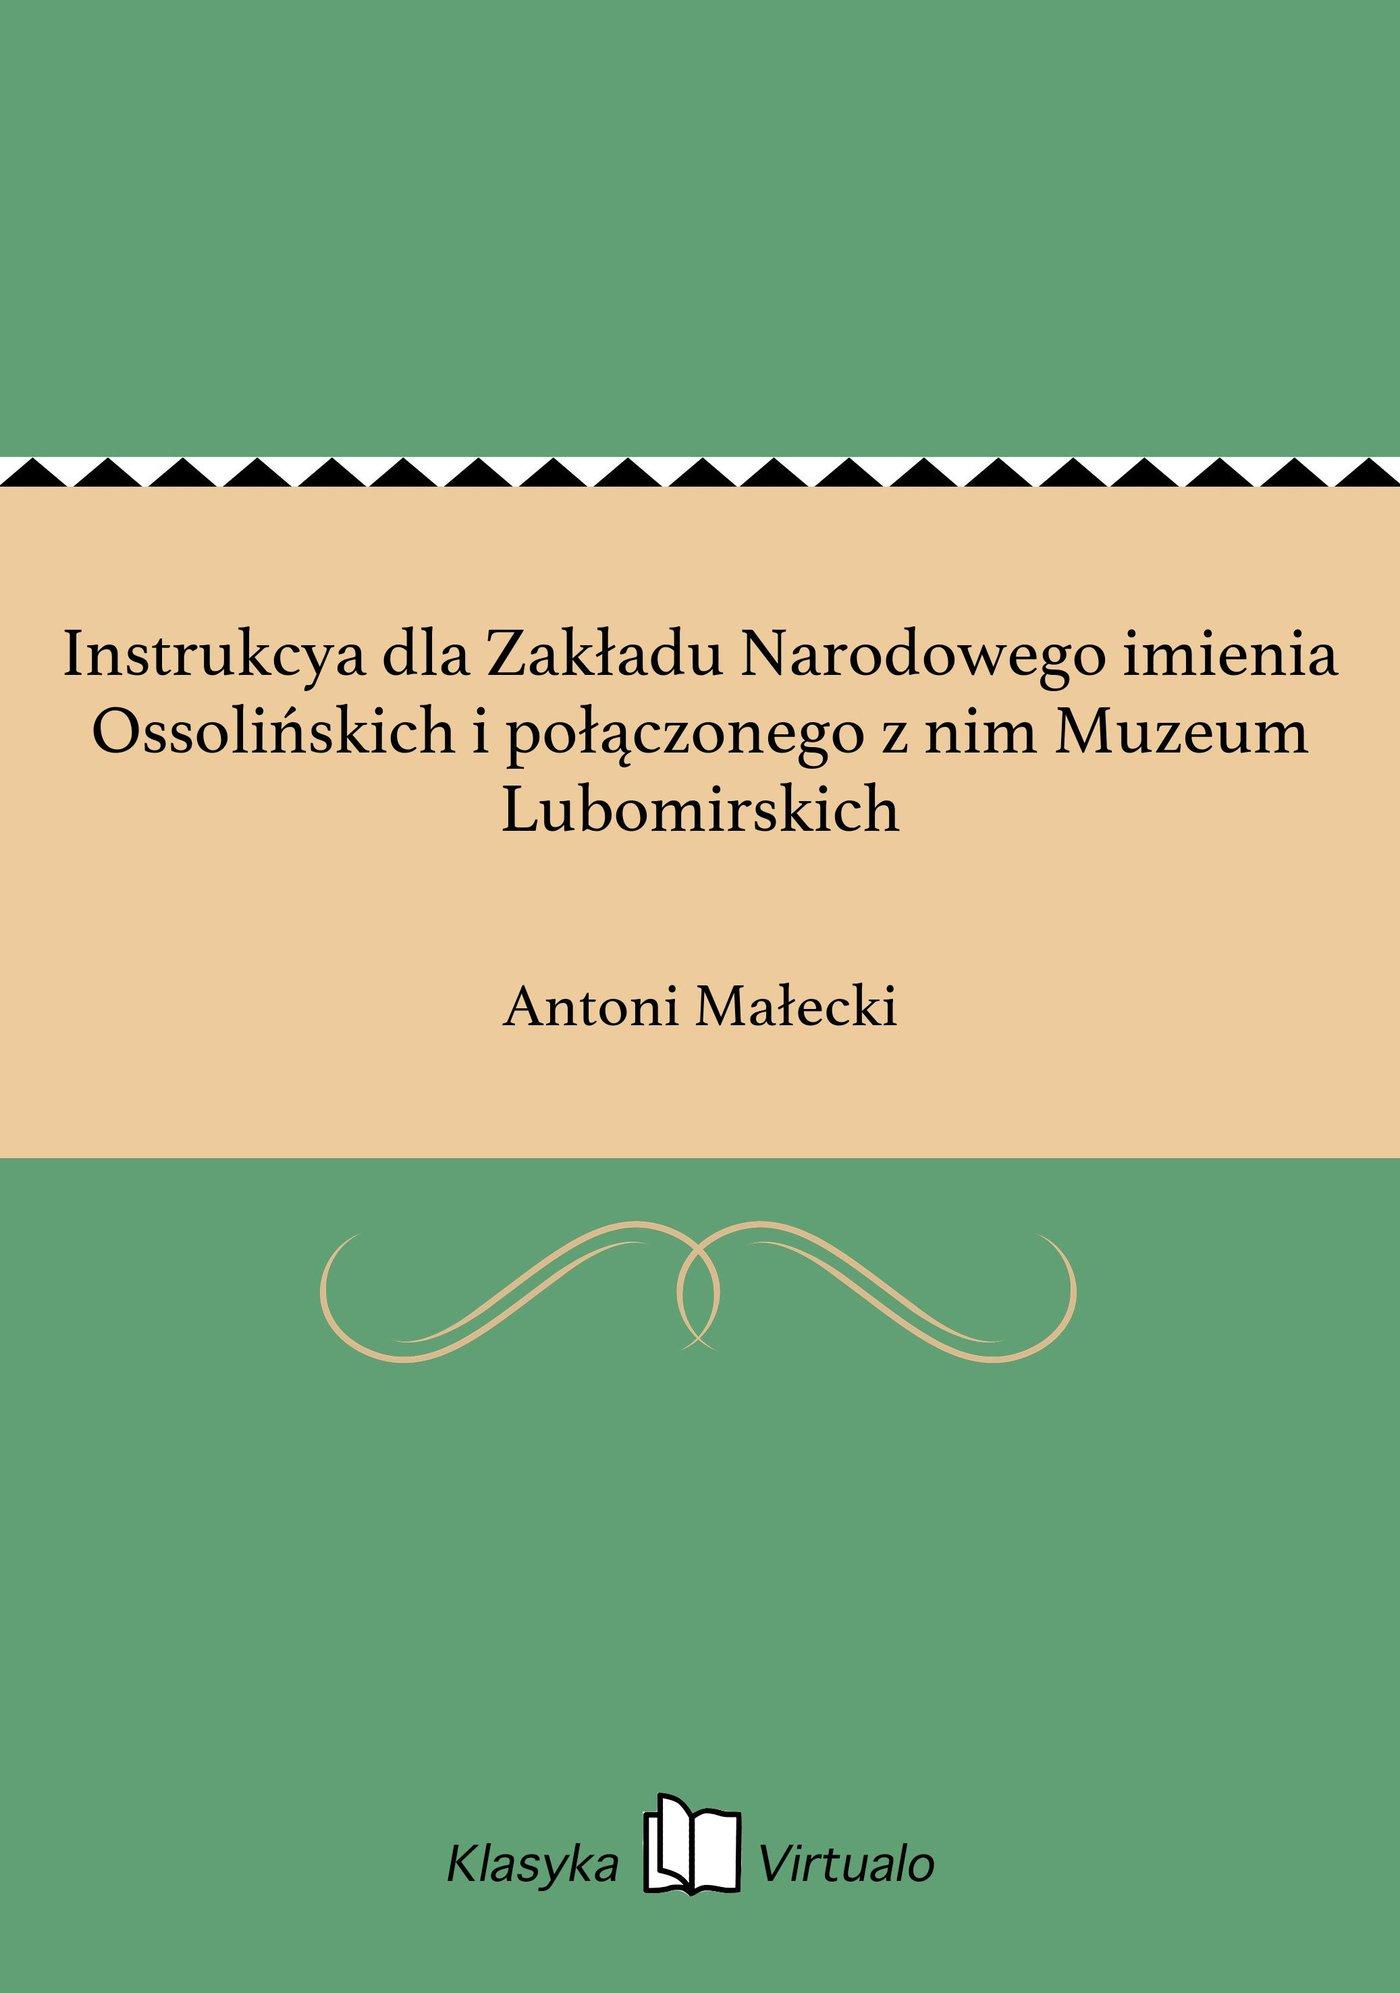 Instrukcya dla Zakładu Narodowego imienia Ossolińskich i połączonego z nim Muzeum Lubomirskich - Ebook (Książka EPUB) do pobrania w formacie EPUB